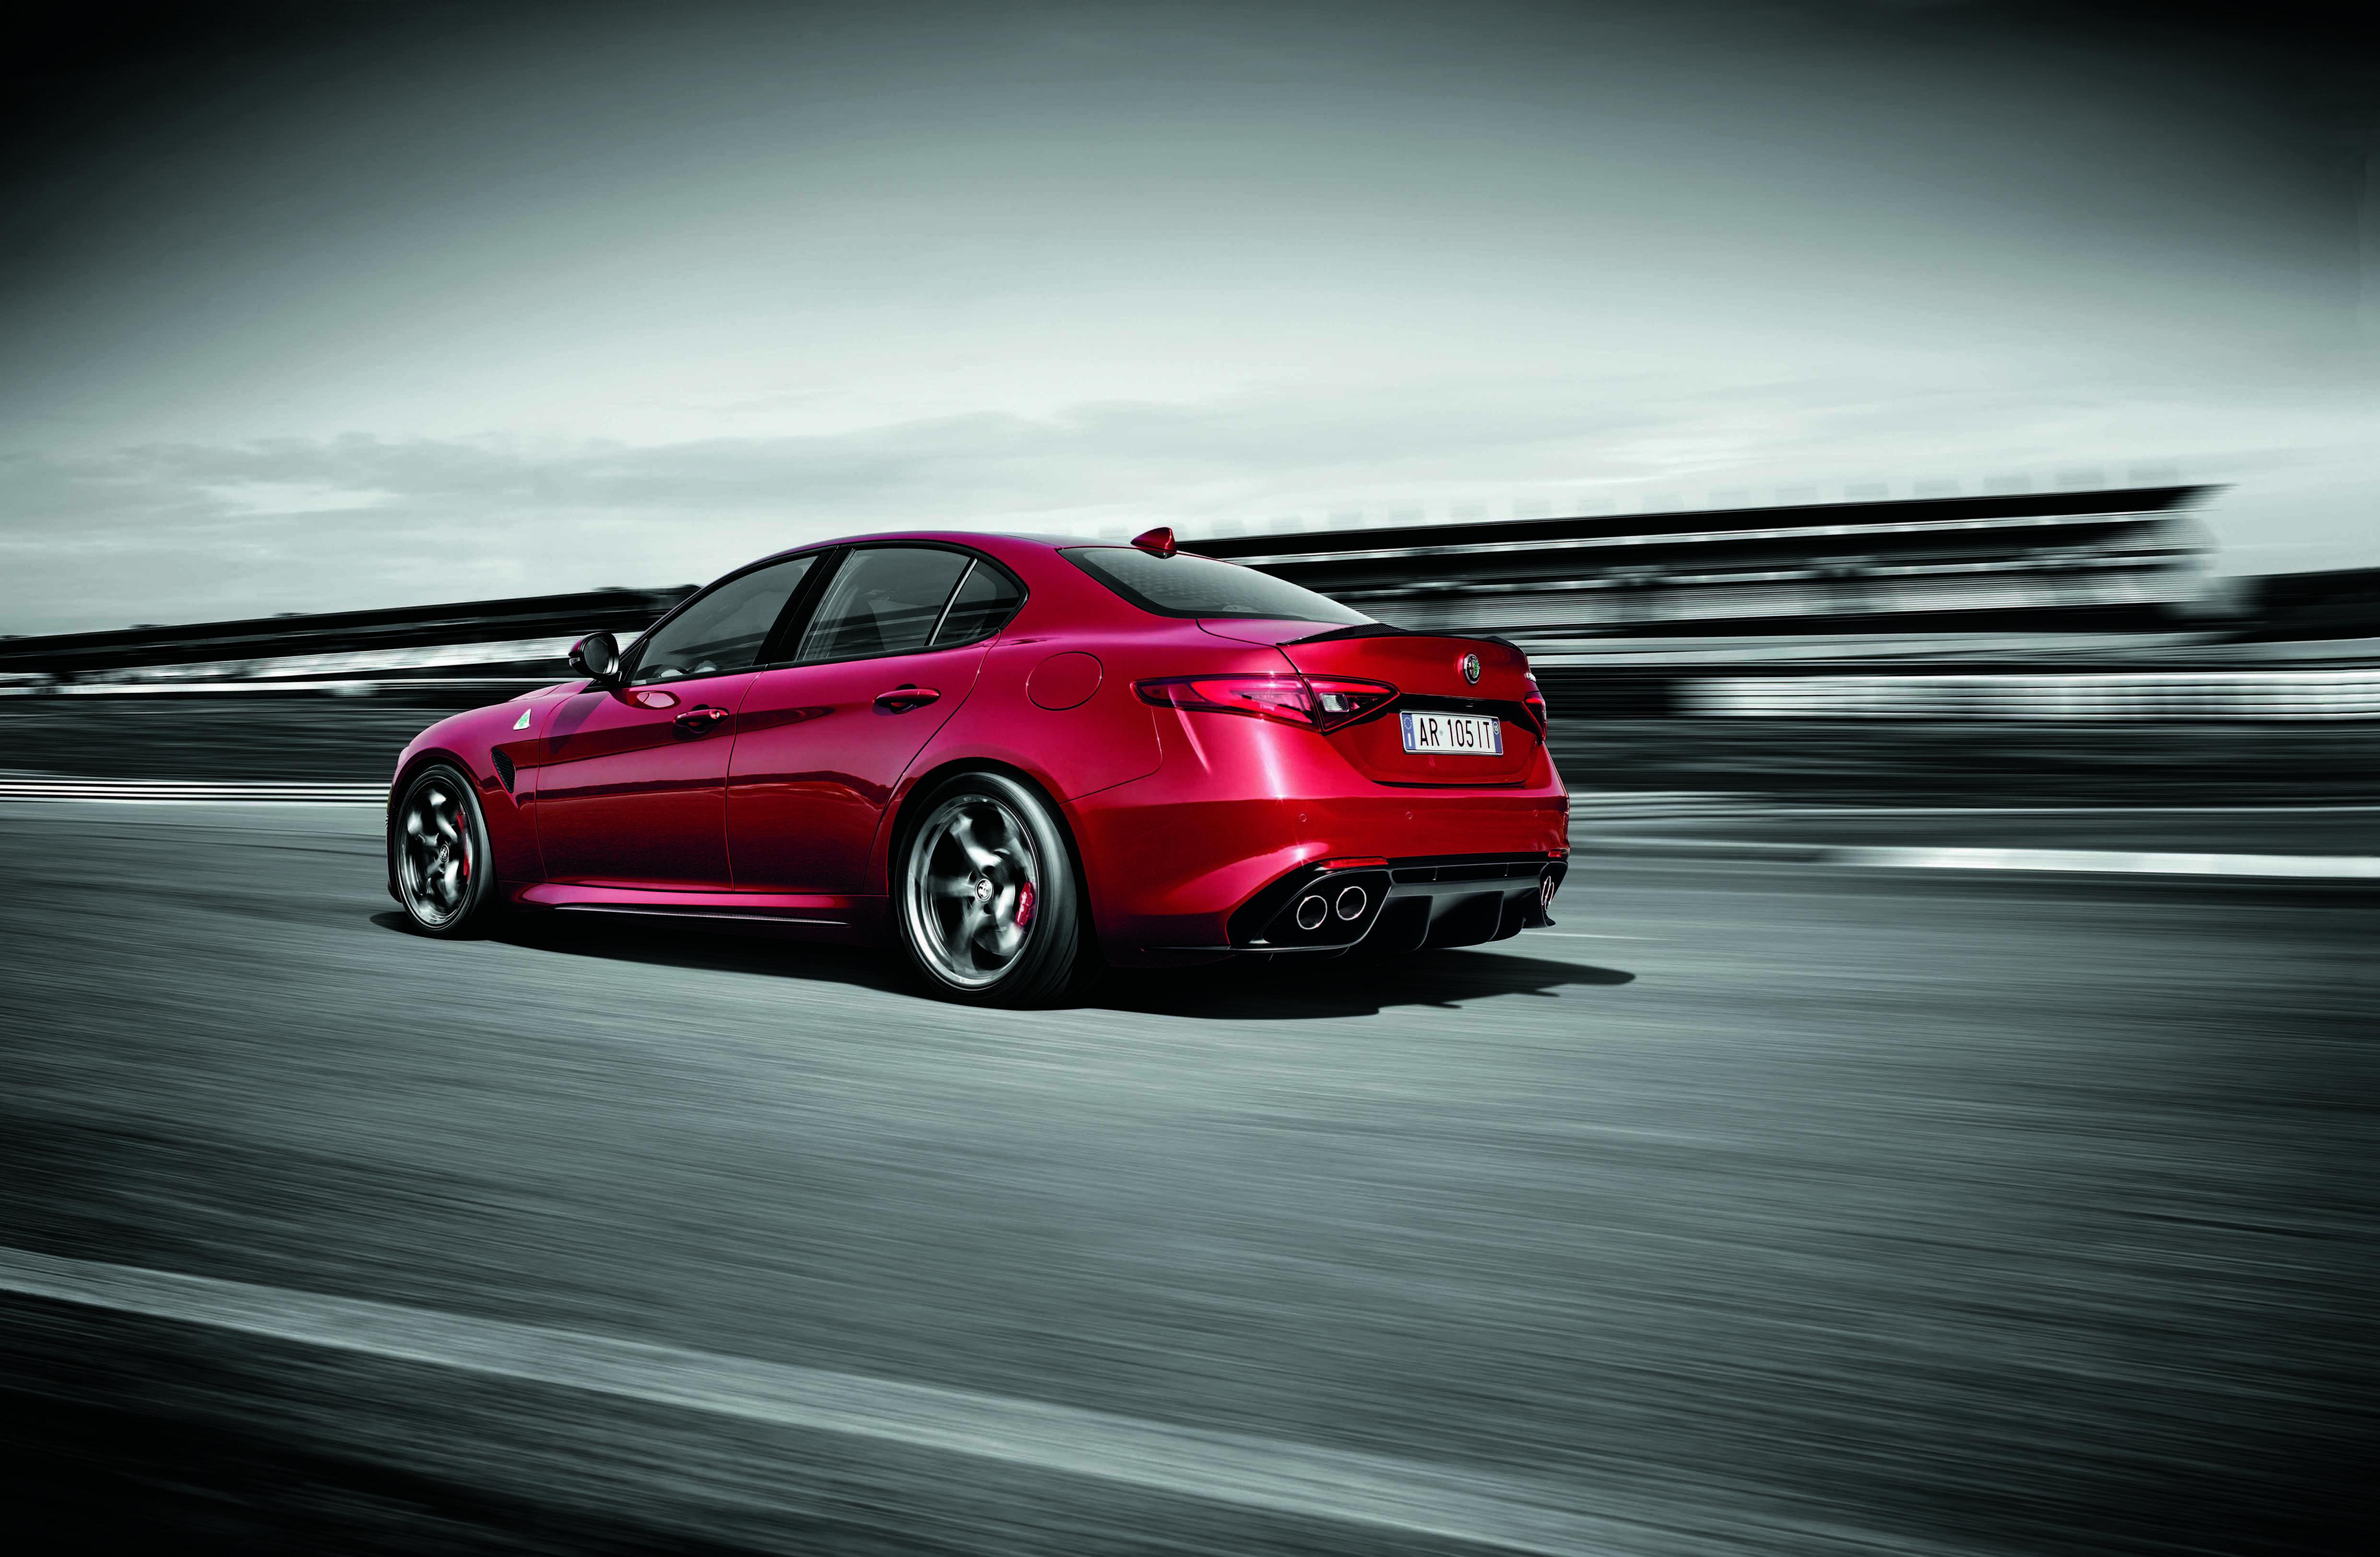 Задний привод совмещенный с мощными V-образными моторами это обязательное условие для визита в премиальный сегмент Фото. Alfa Romeo